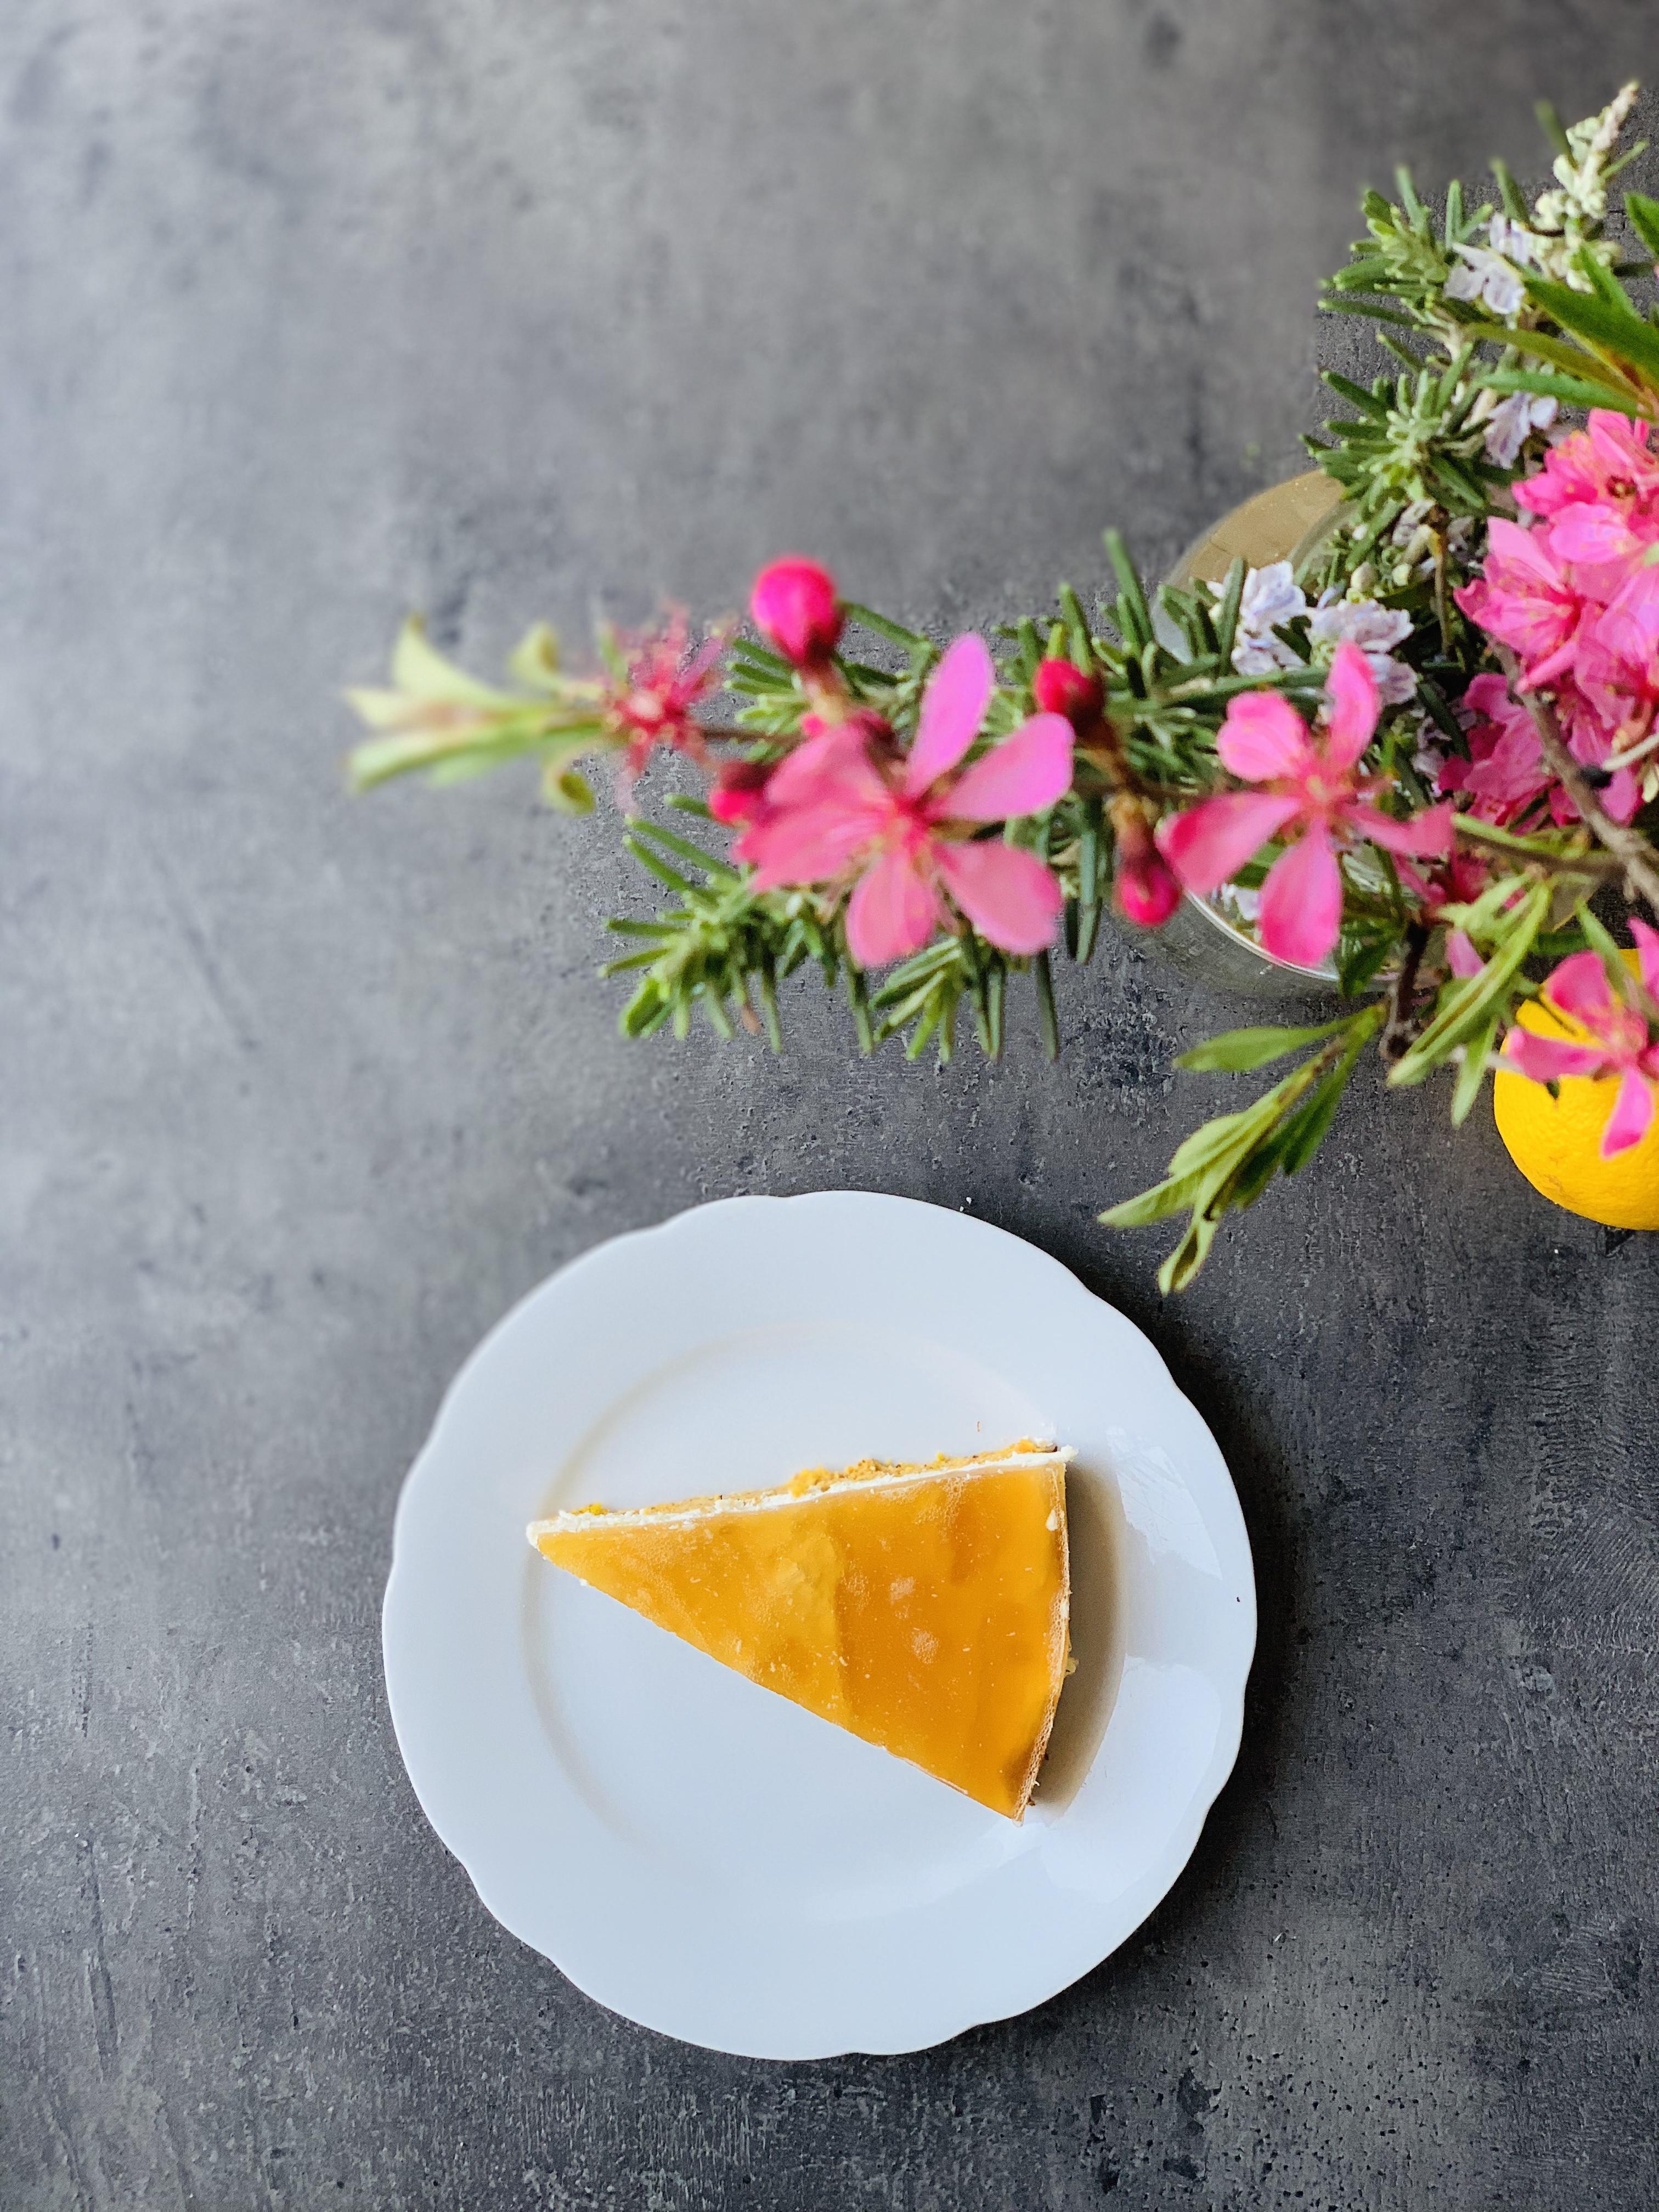 Picture of gluten free keto carrot cake with keto jello